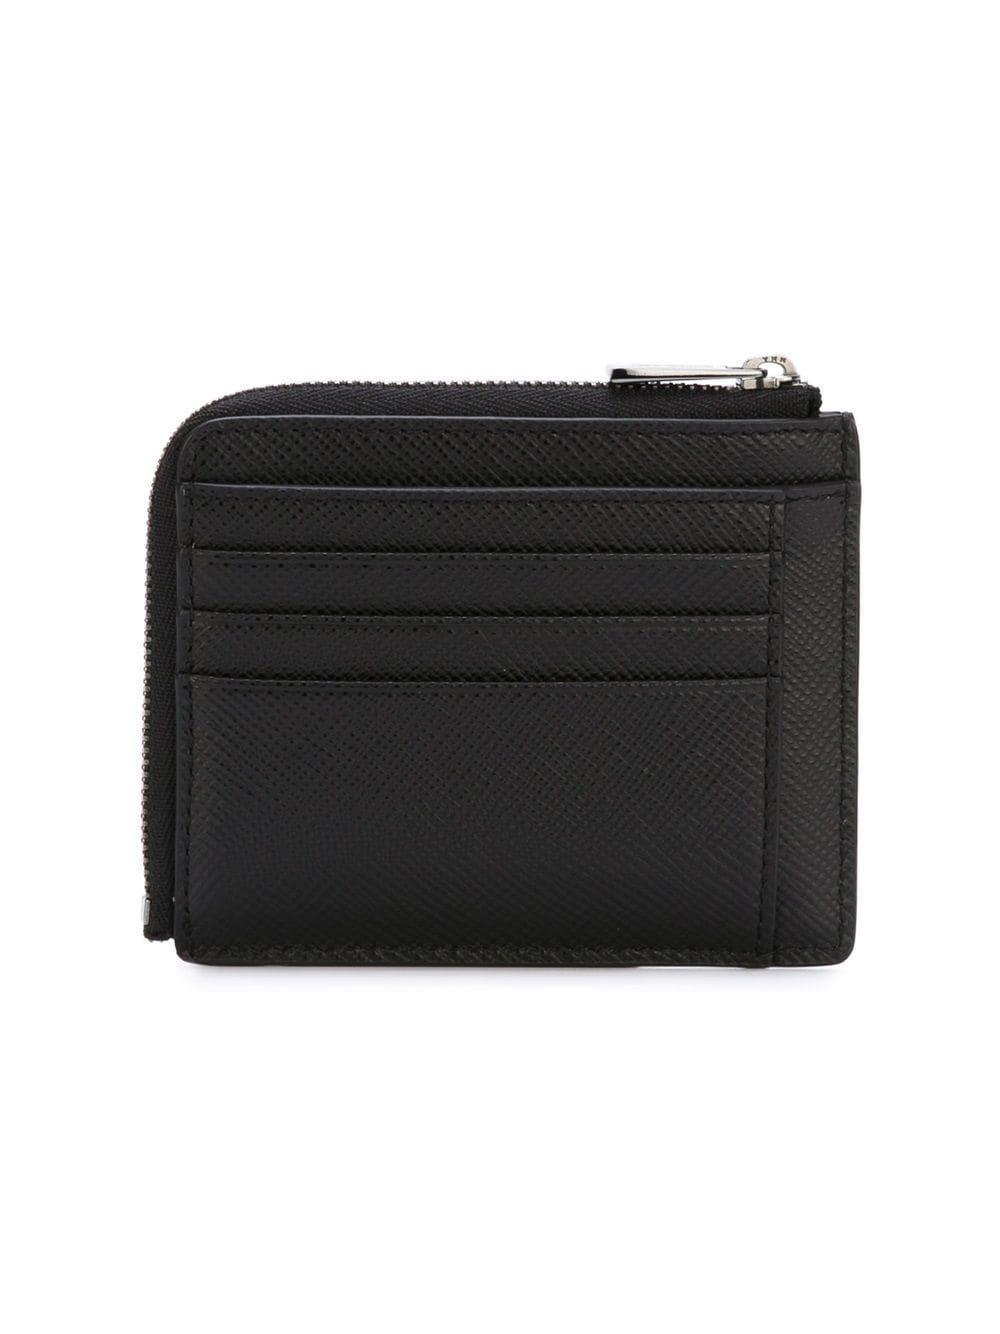 826c77c541050 Michael Kors Portemonnaie mit Reißverschluss ringsum in Schwarz für ...